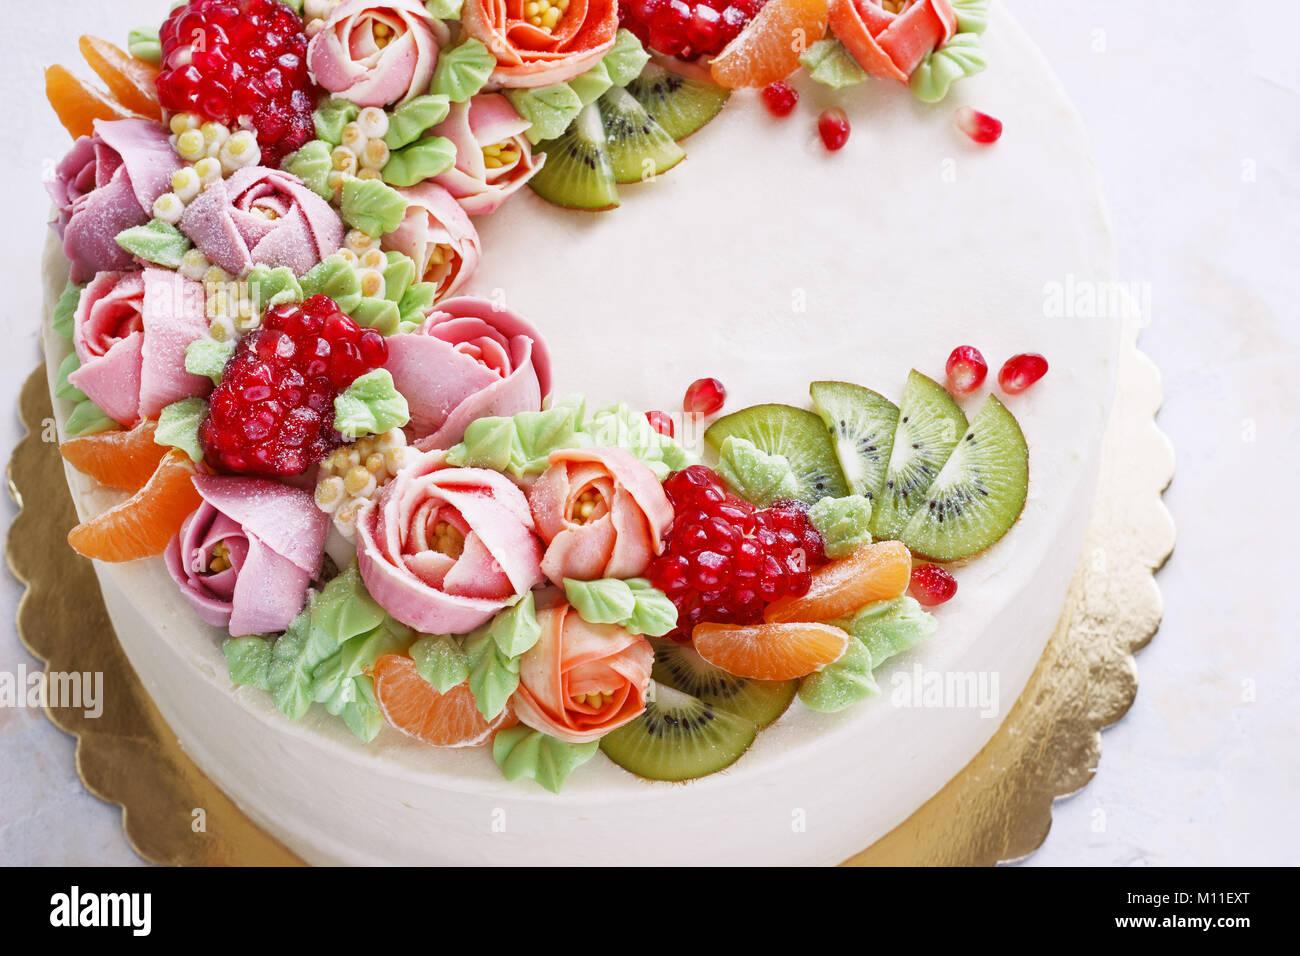 Festliche Kuchen mit cremefarbenen Blüten und Früchte auf einem hellen Hintergrund Stockbild